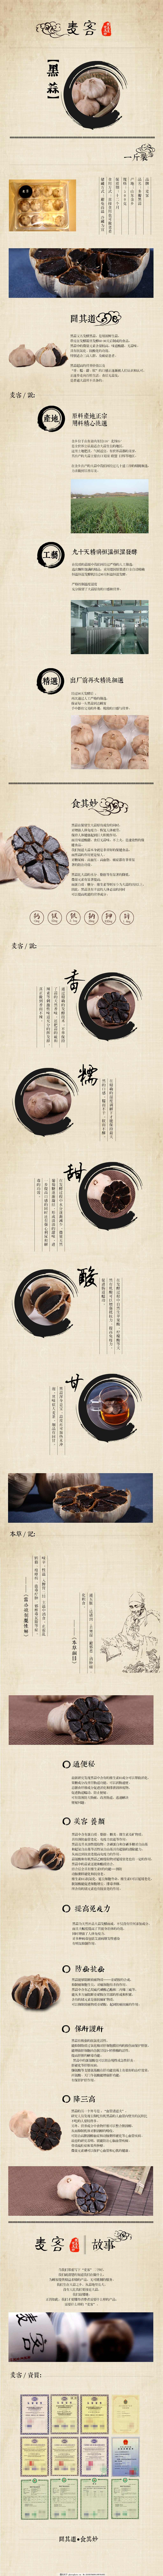 食品详情页 (1) 淘宝 京东 天猫 背景 白色